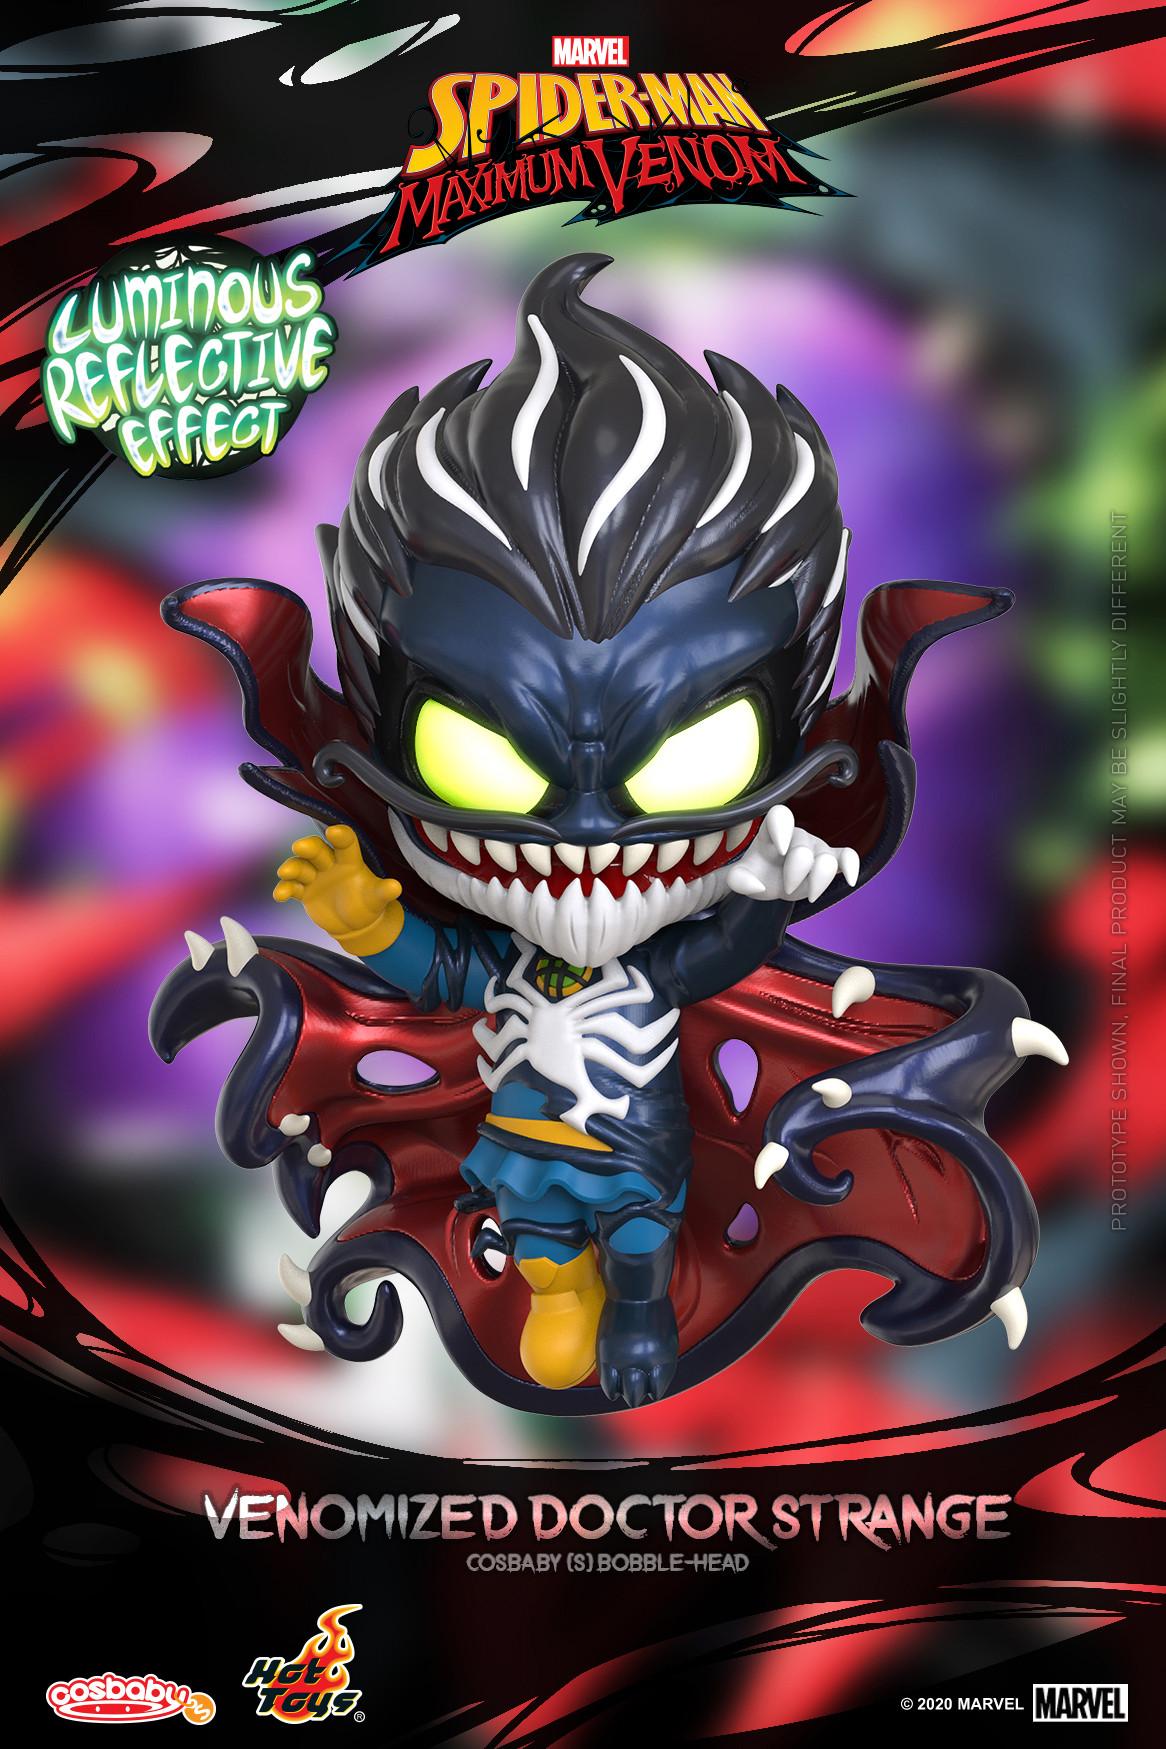 ■【コスベイビー】『スパイダーマン:マキシマム・ヴェノム』[サイズS]ドクター・ストレンジ(ヴェノム版)